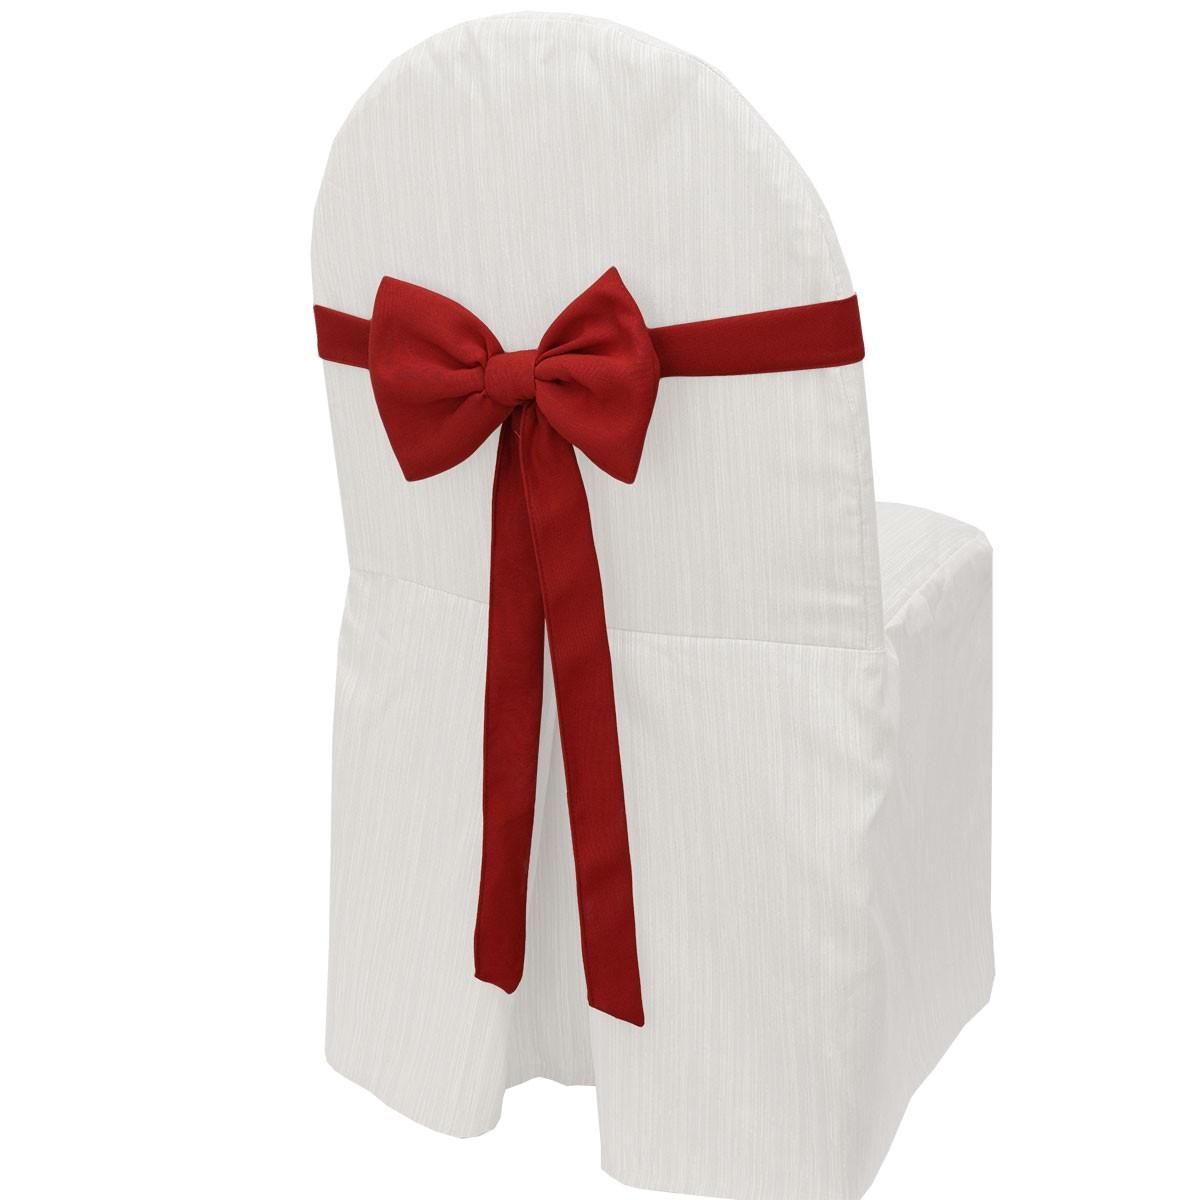 Schmuckschleife Hetty für Stuhlhussen und Stehtische Rot am Stuhl